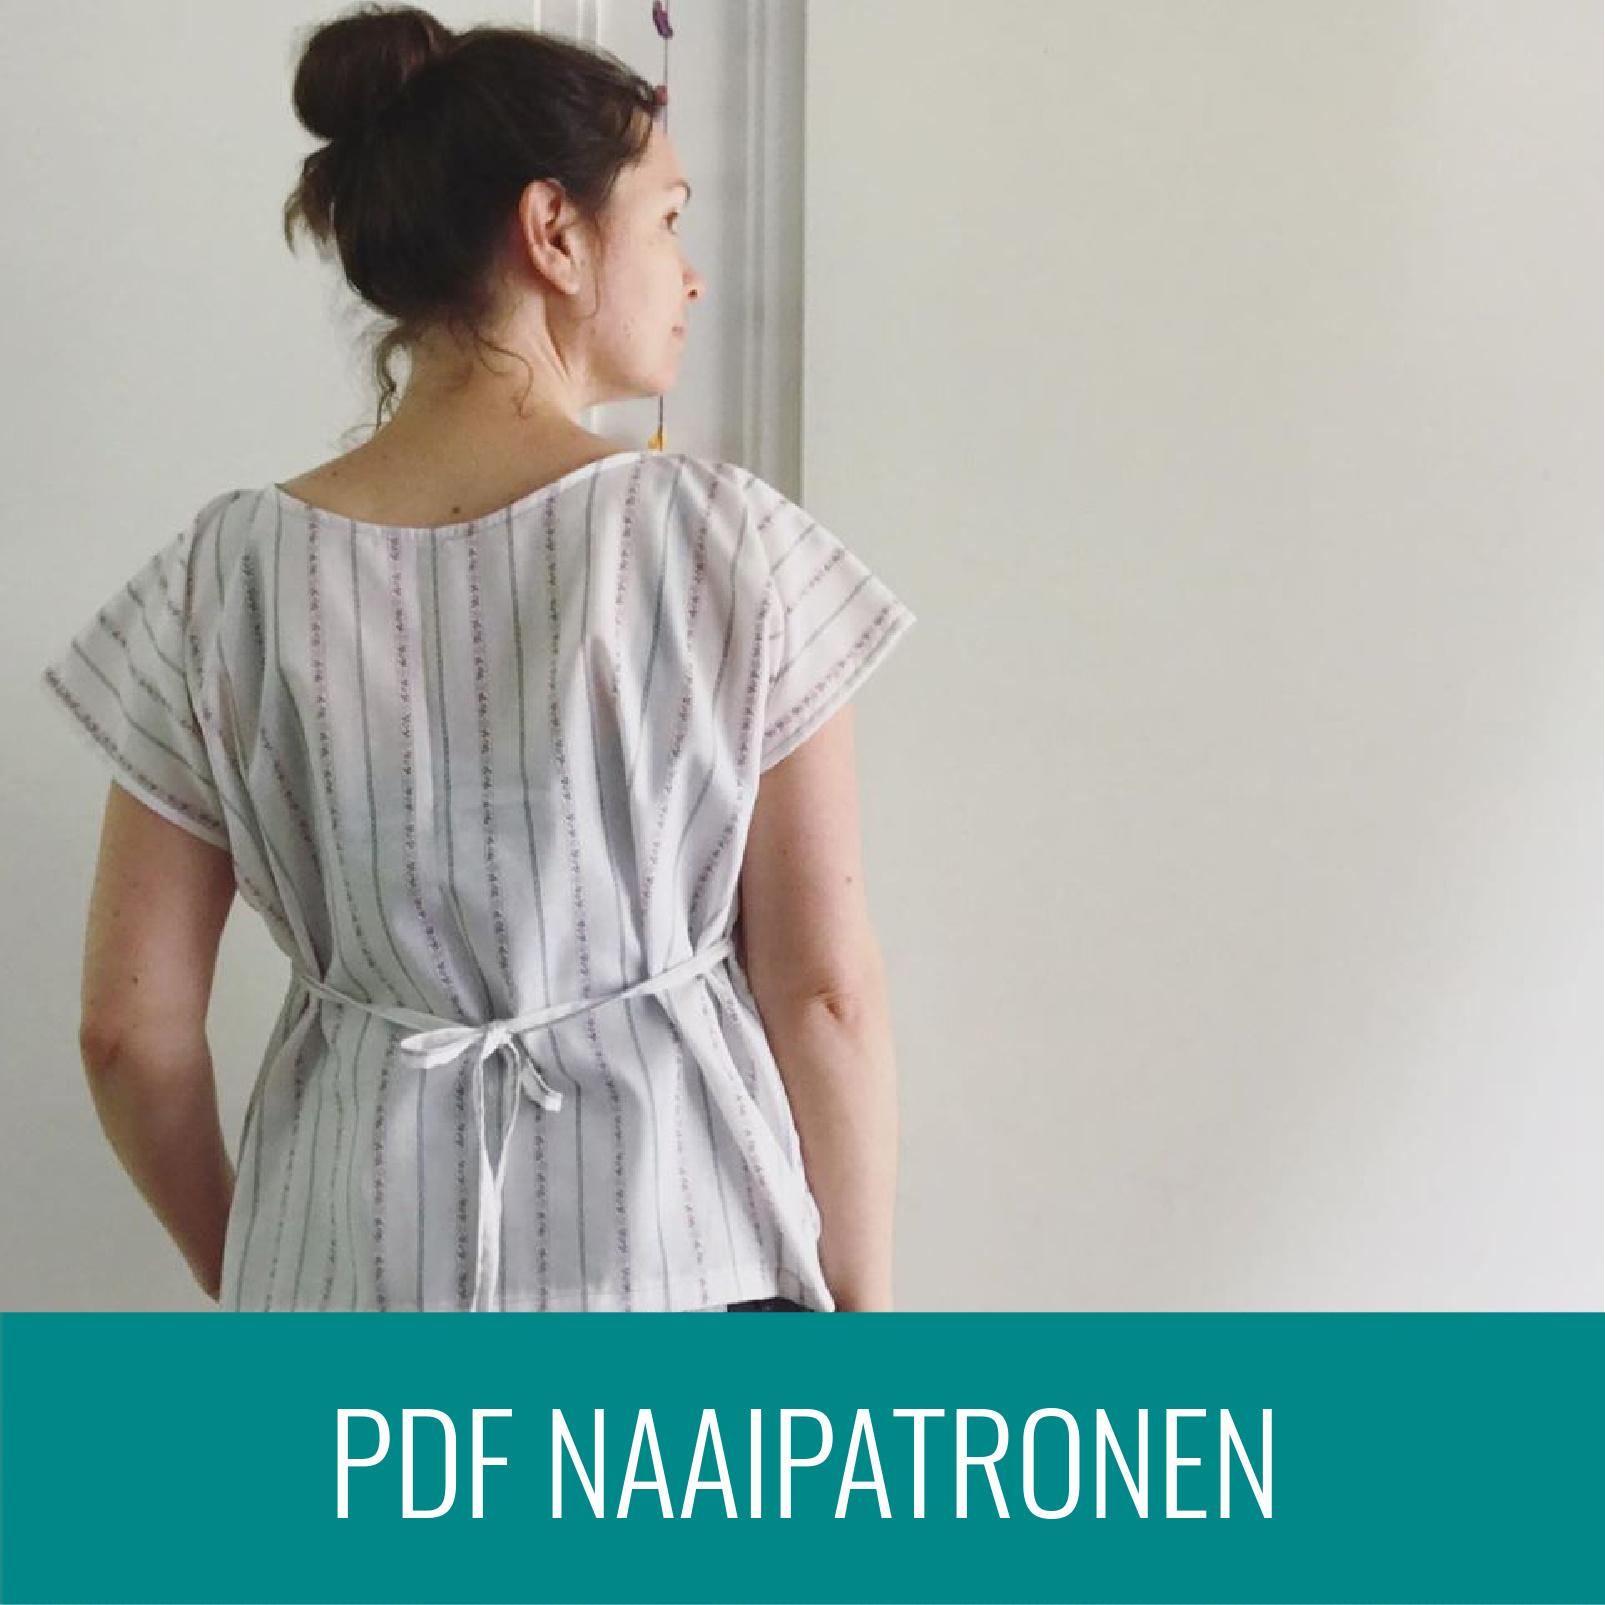 pdf naaipatronen